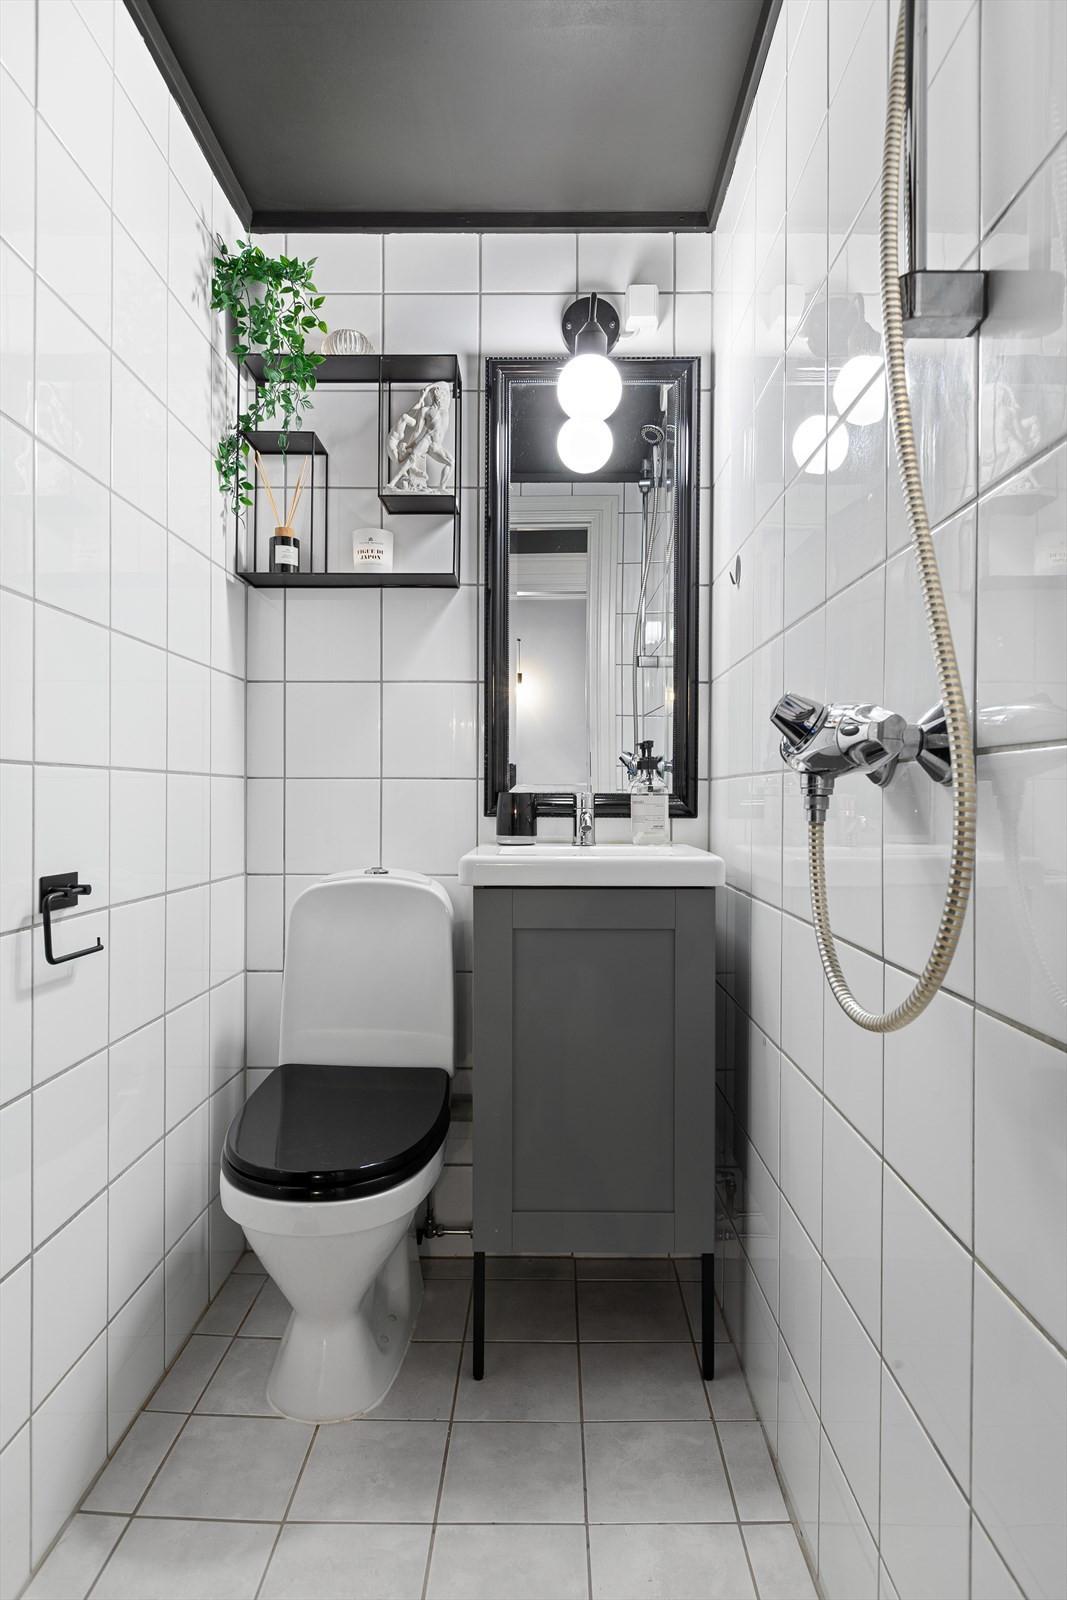 Komplett flislagt bad med mørke detaljer. Ny servant og baderomsinnredning fra 2021. Varmekabler i gulv.